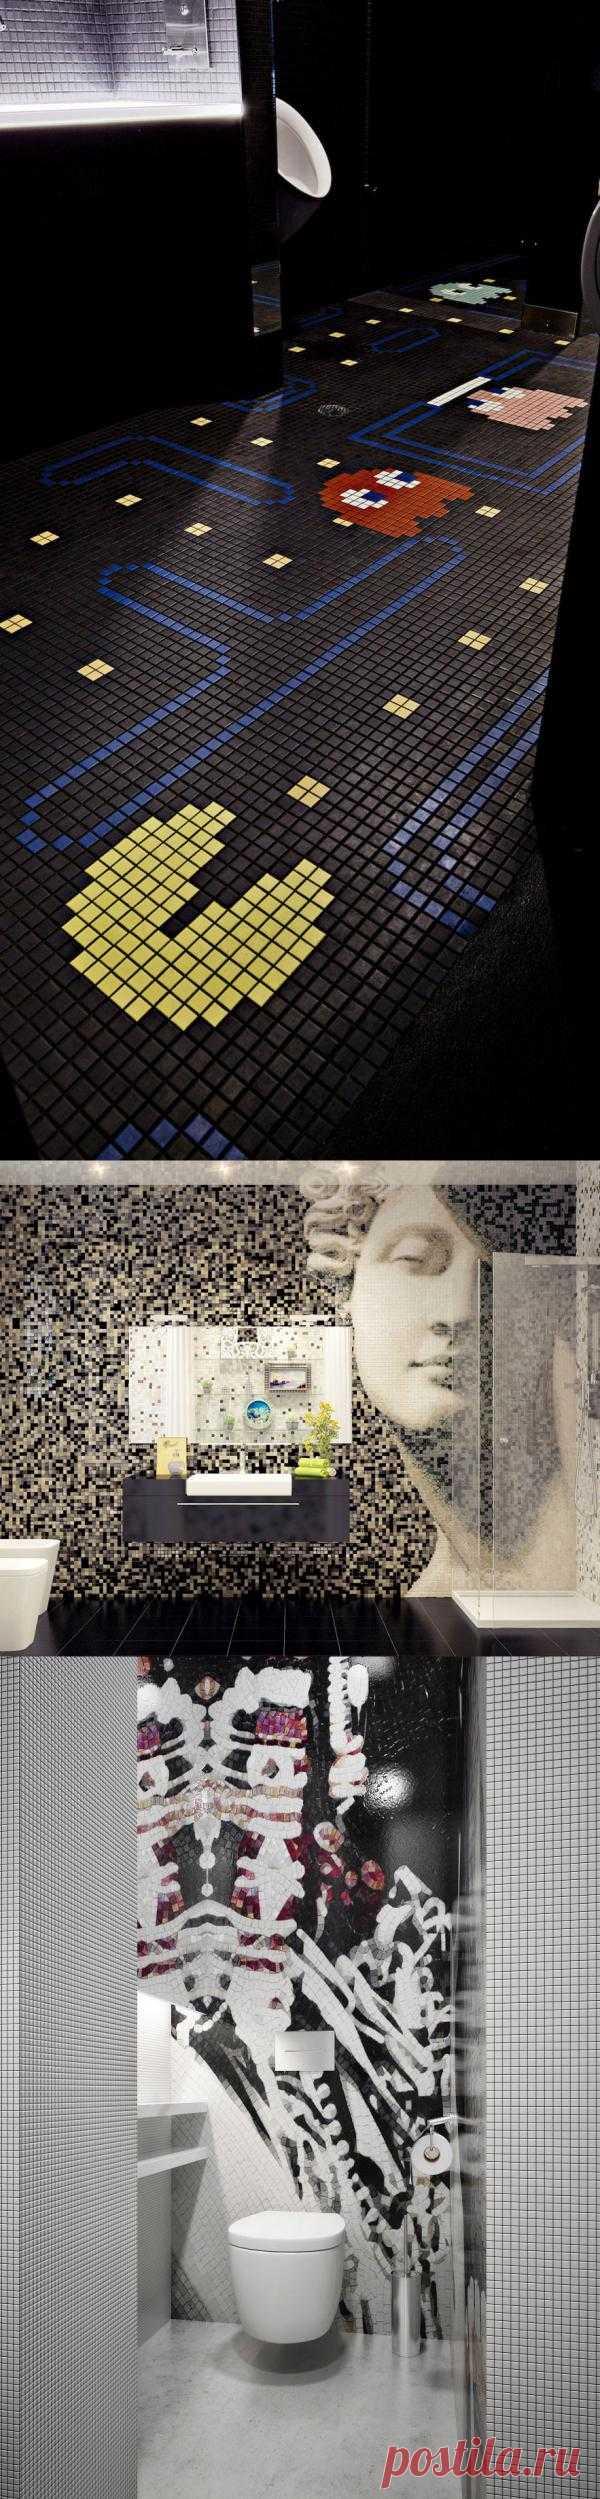 """Говорят, что самая известная мозаика, выложенная в античном мире, содержит в себе около полутора миллионов кусочков - Это """"Битва при Иссе"""" иллюстрирующая битву Александра Македонского с персидским царем Дарием. Так вот посмотрите на современных мозаичников, творящих свои шедевры в таком, казалось бы, банальном месте - в обычной ванной!"""